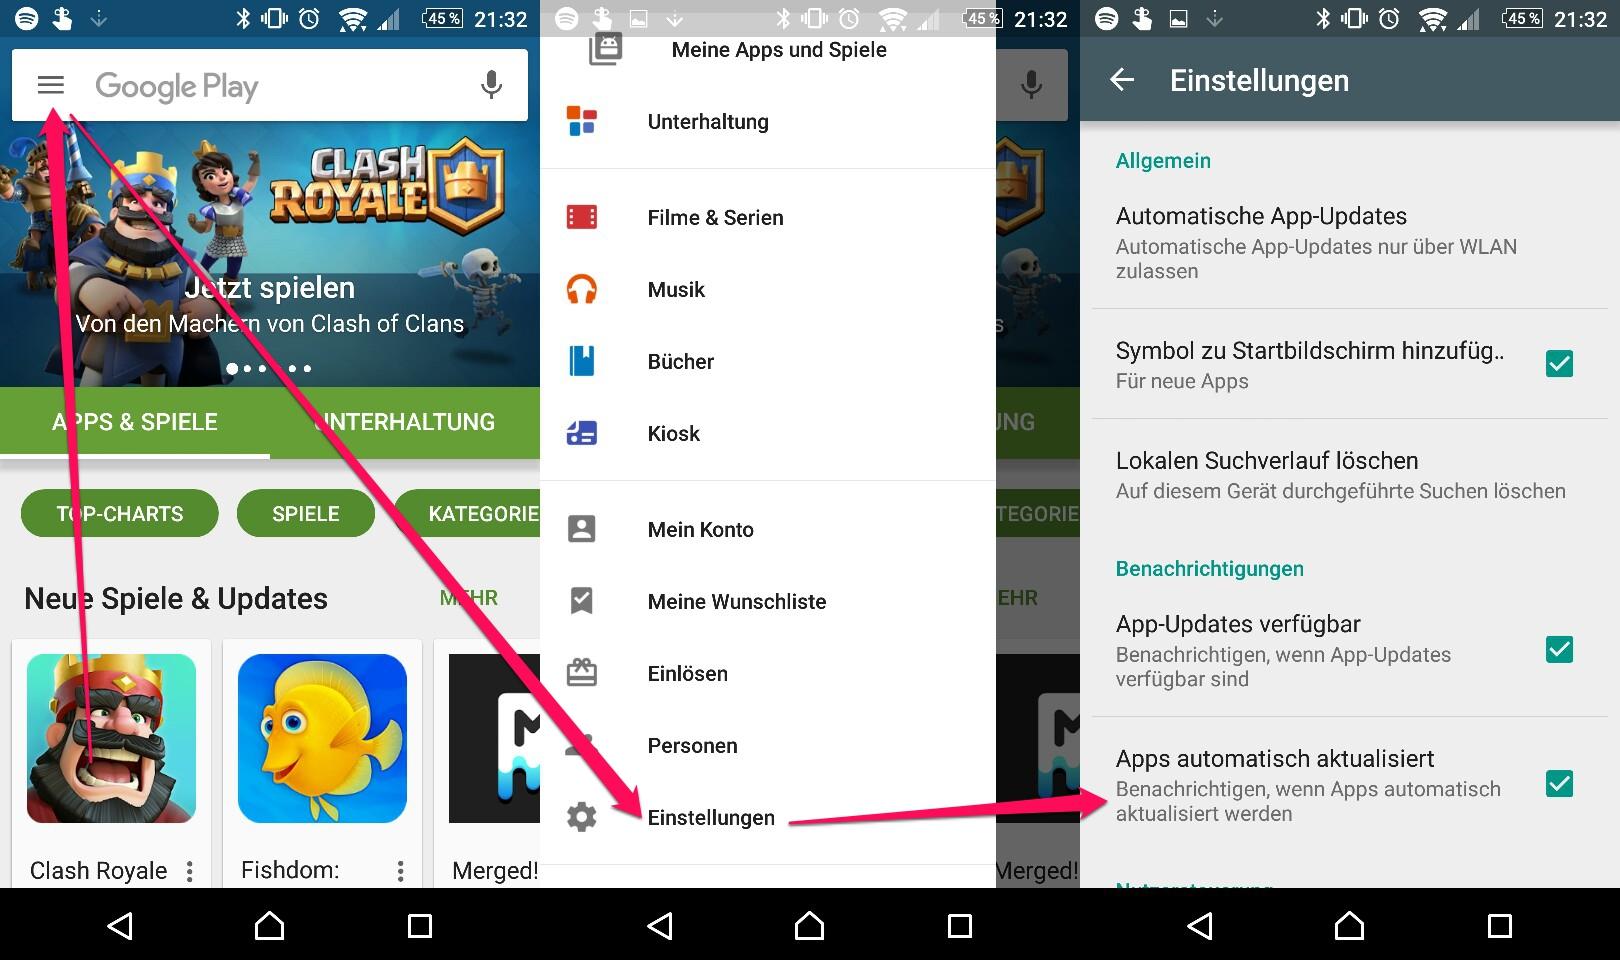 Google Play Store - Benachrichtigung automatisch aktualisierter App ausschalten